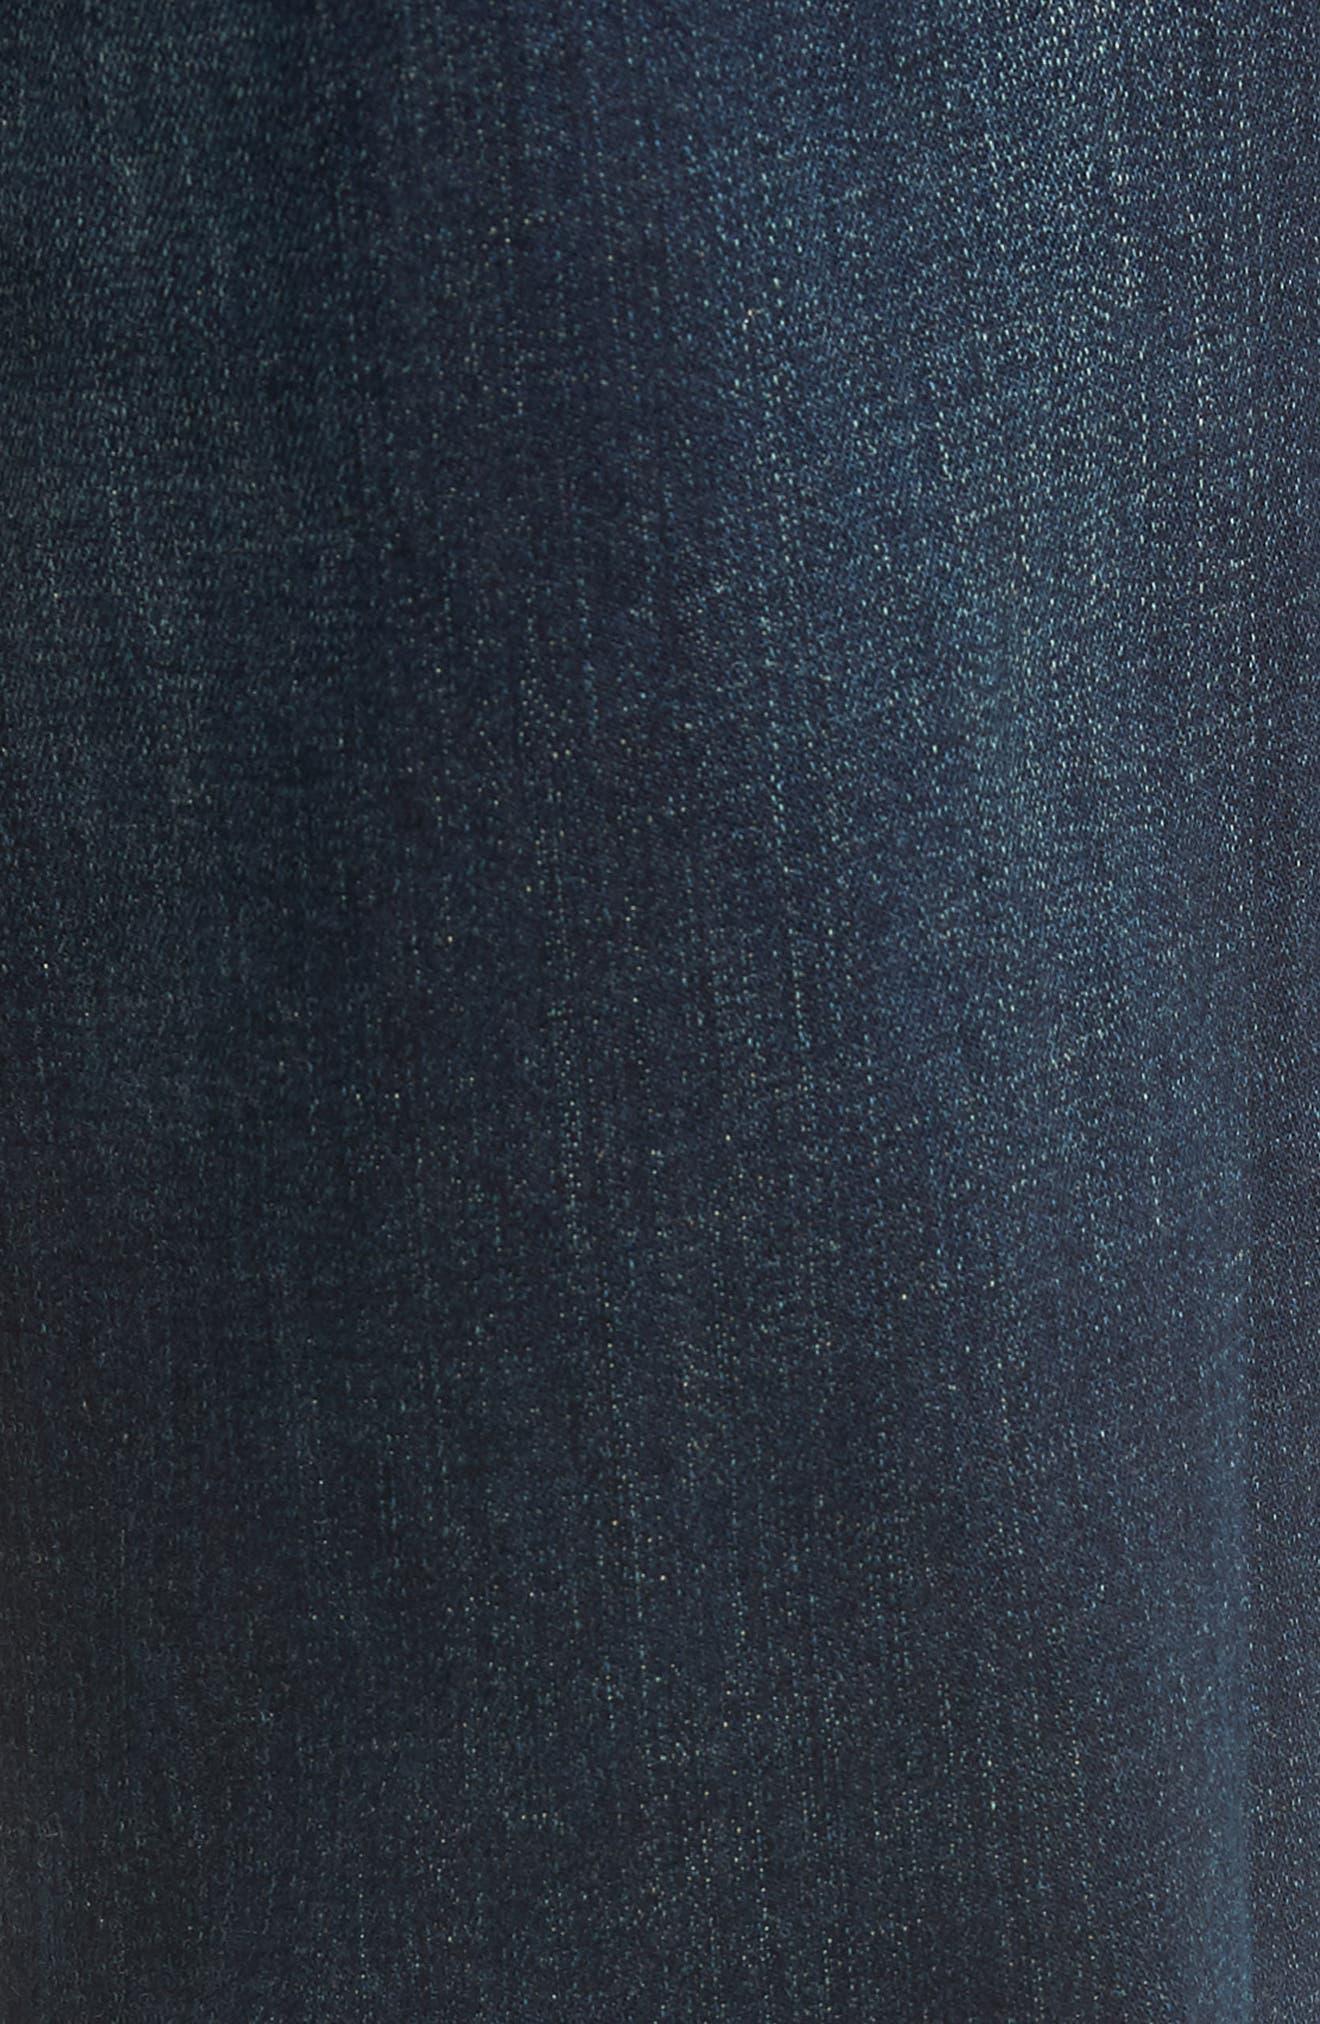 Stanton Straight Leg Jeans,                             Alternate thumbnail 5, color,                             WORTHLESS TENDENCY